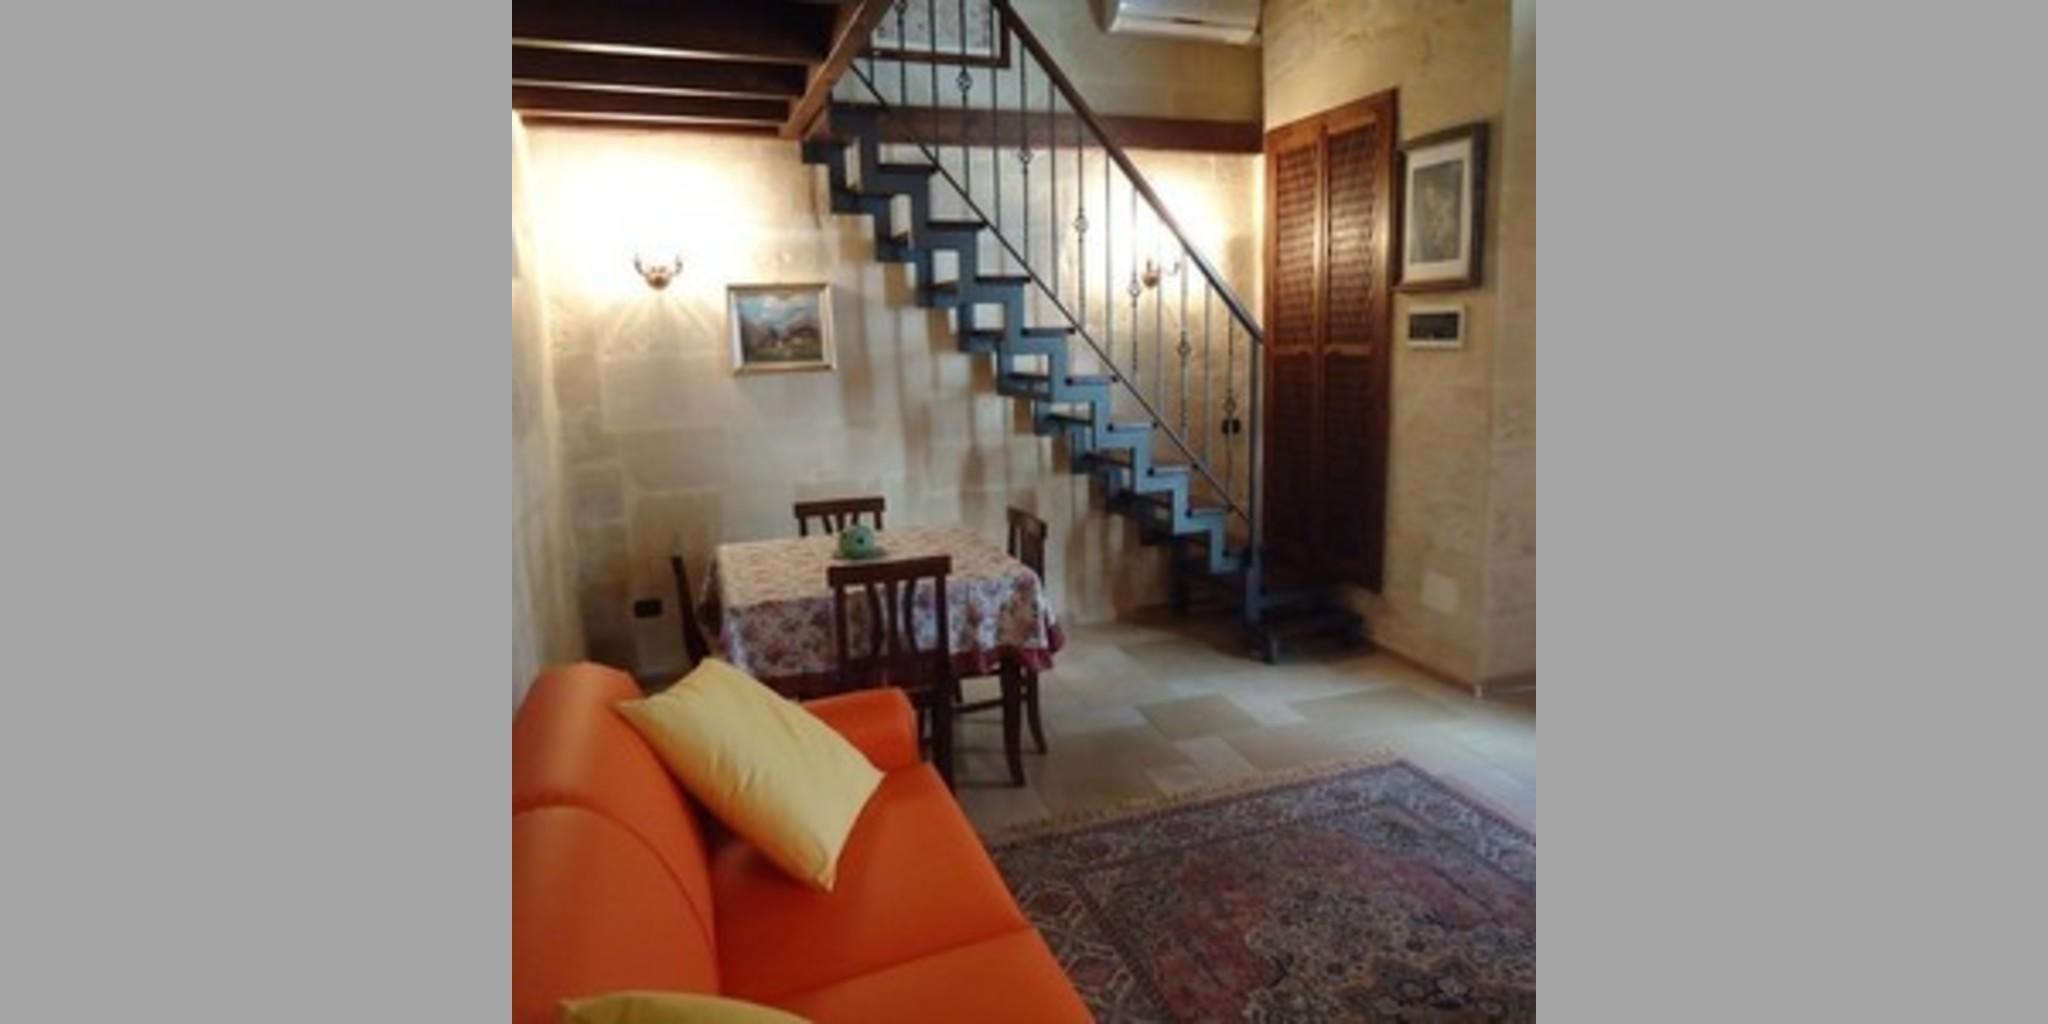 Apartment Lecce - Casa Vacanza In Centro Storico A Lecce